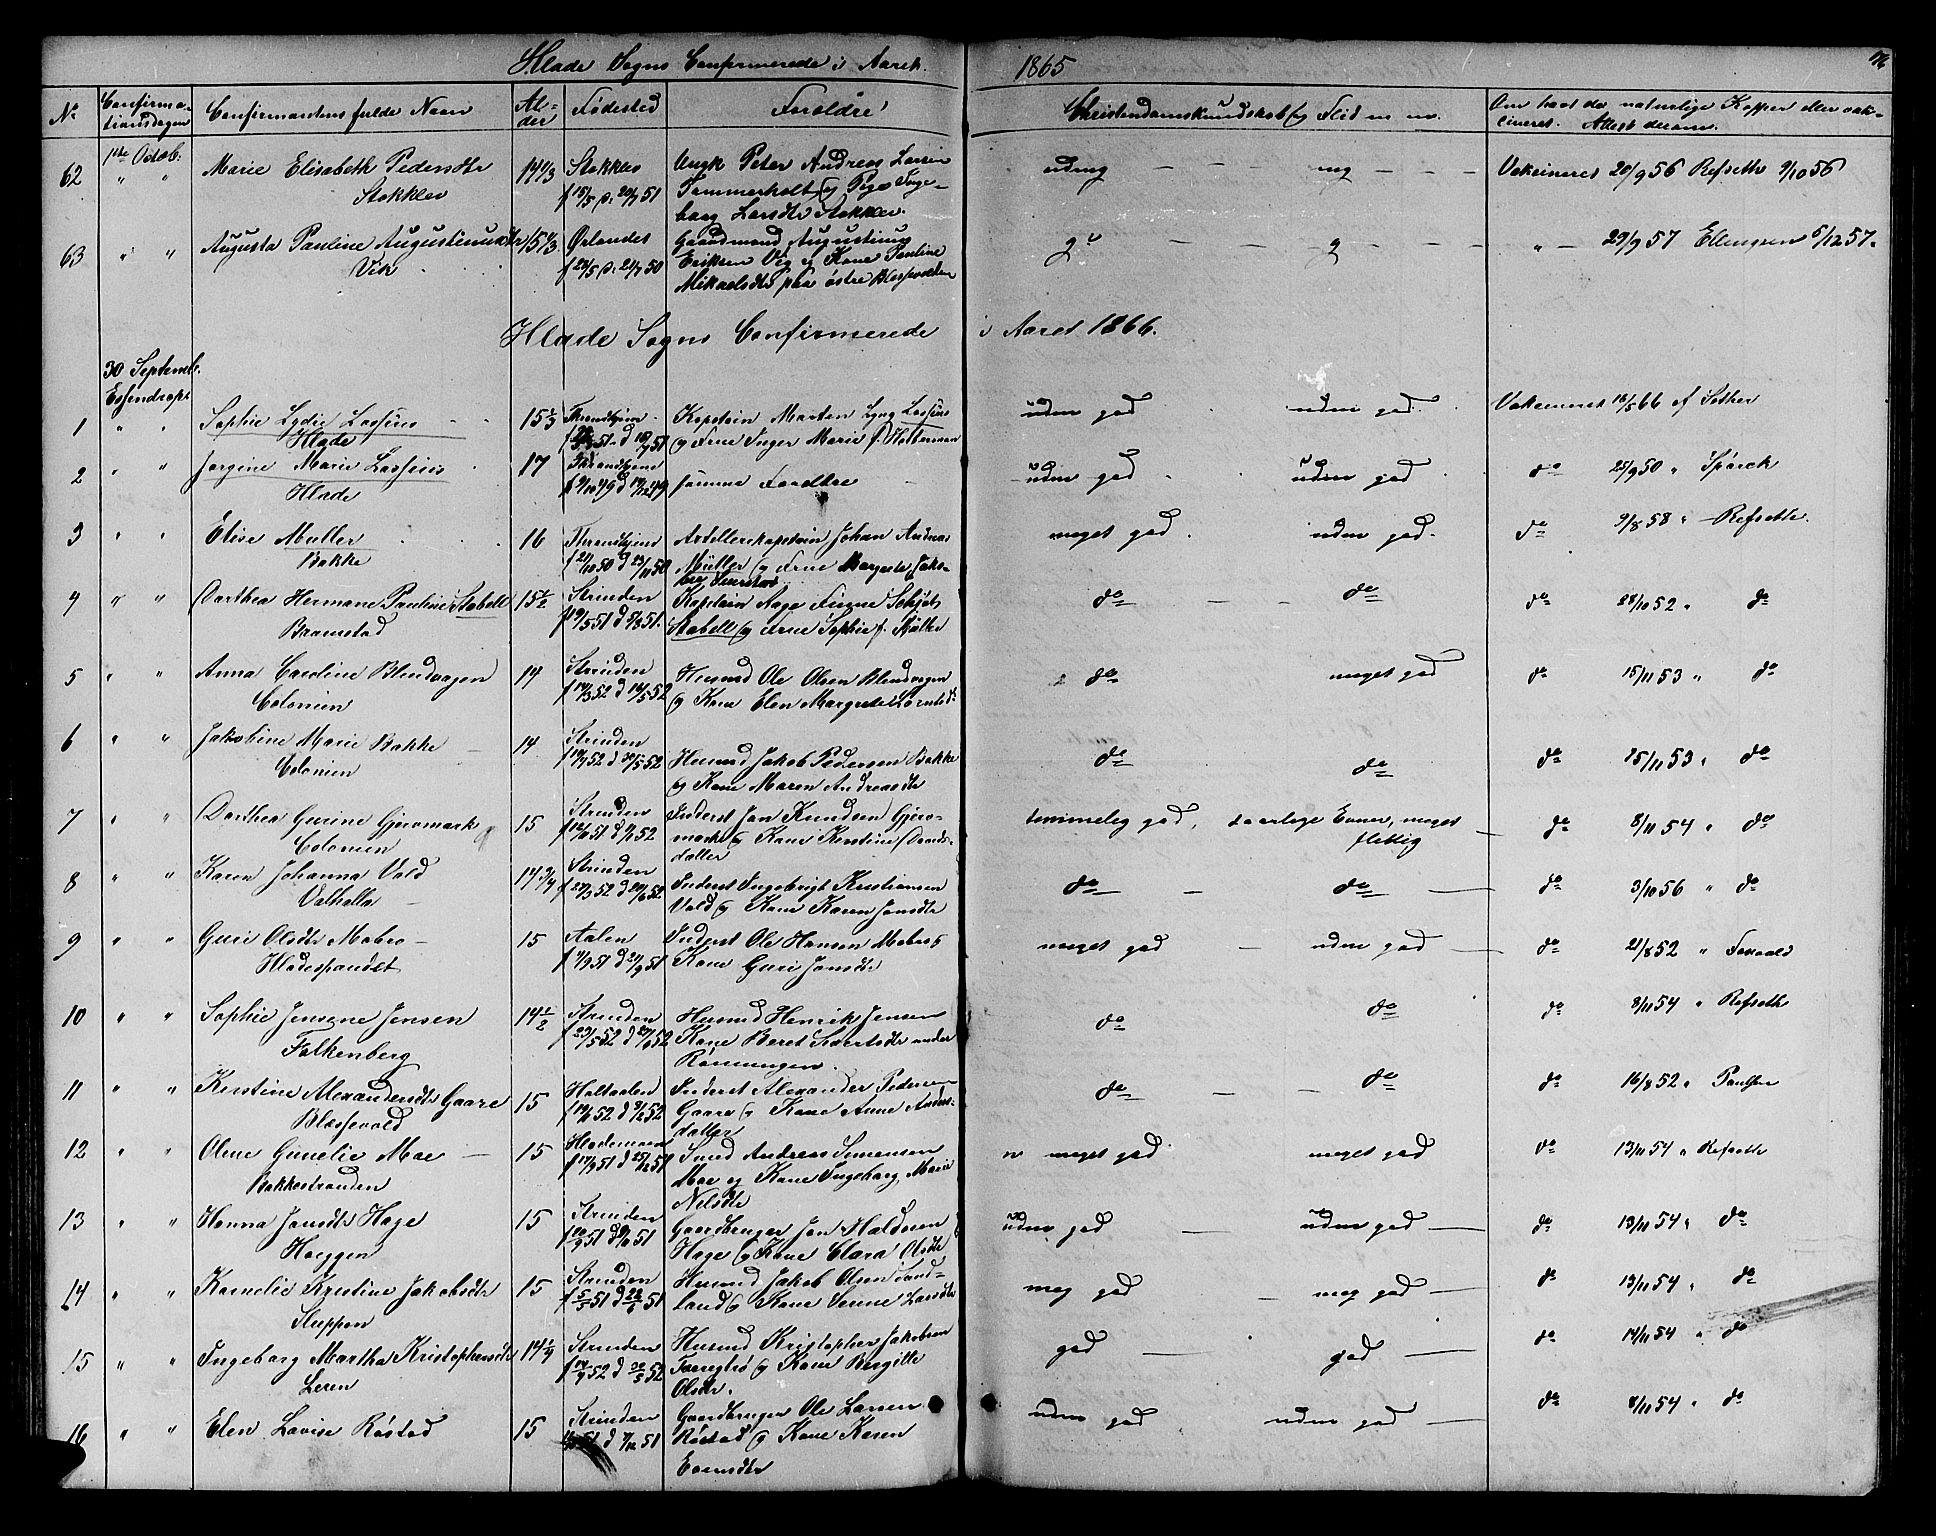 SAT, Ministerialprotokoller, klokkerbøker og fødselsregistre - Sør-Trøndelag, 606/L0311: Klokkerbok nr. 606C07, 1860-1877, s. 176